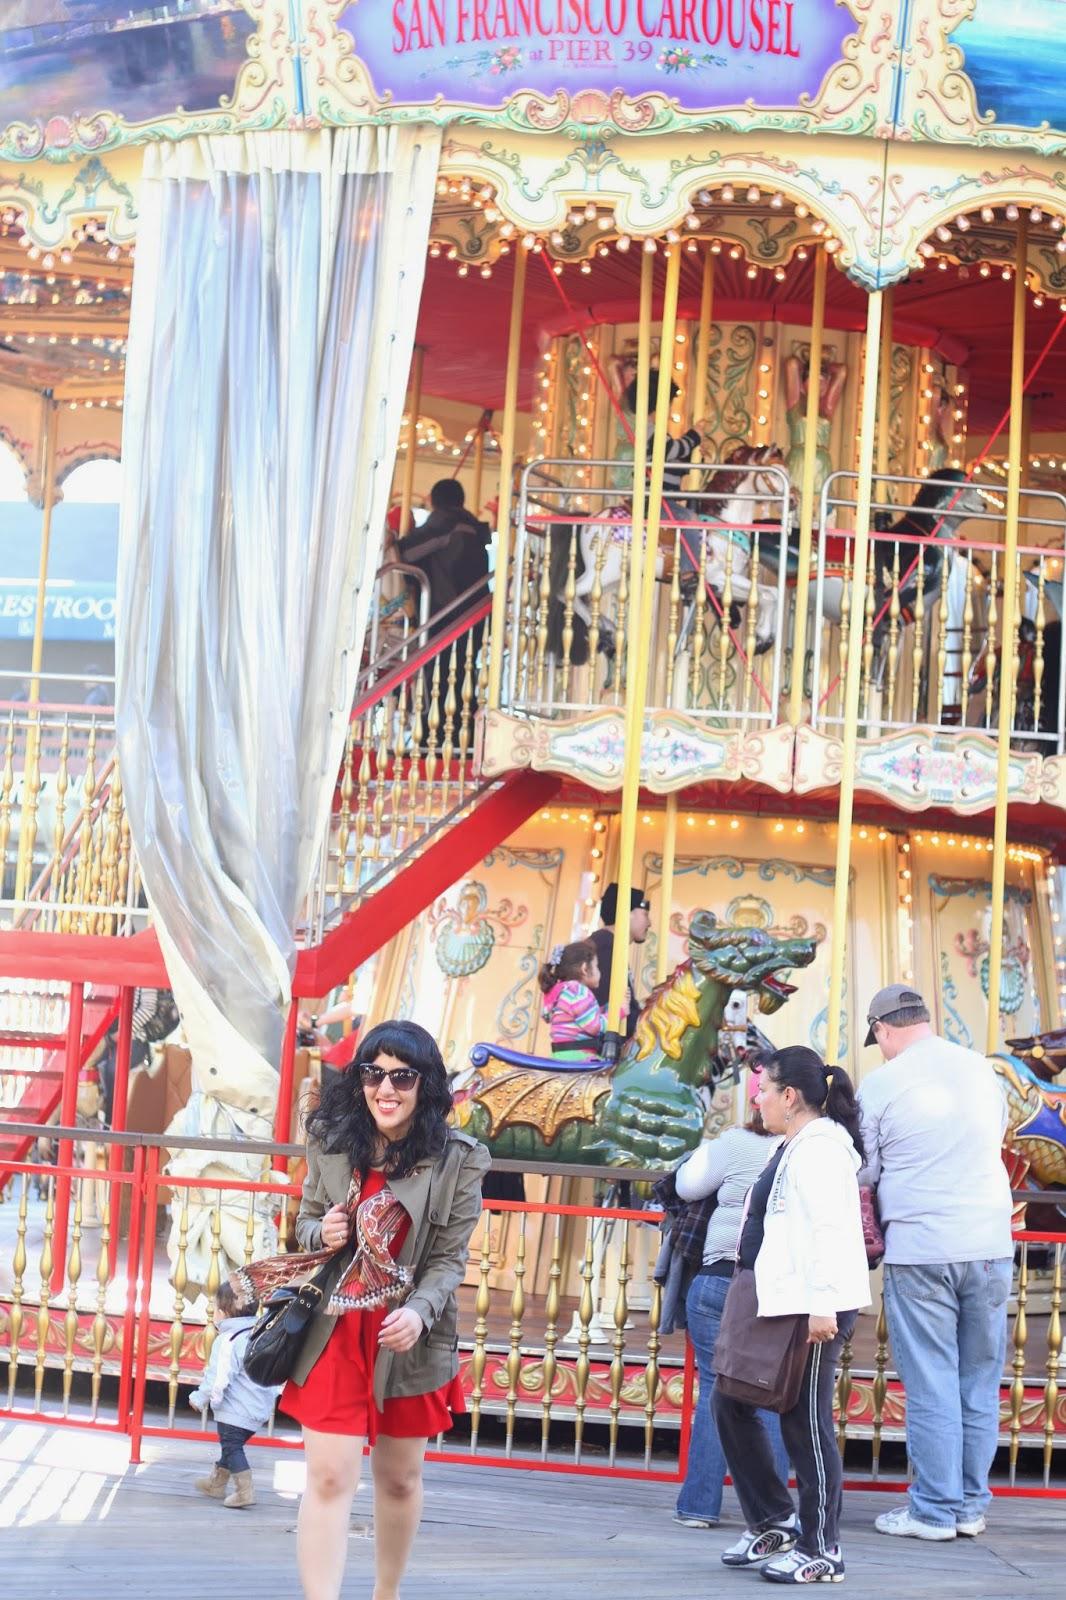 Pier39 San Francisco Carousel